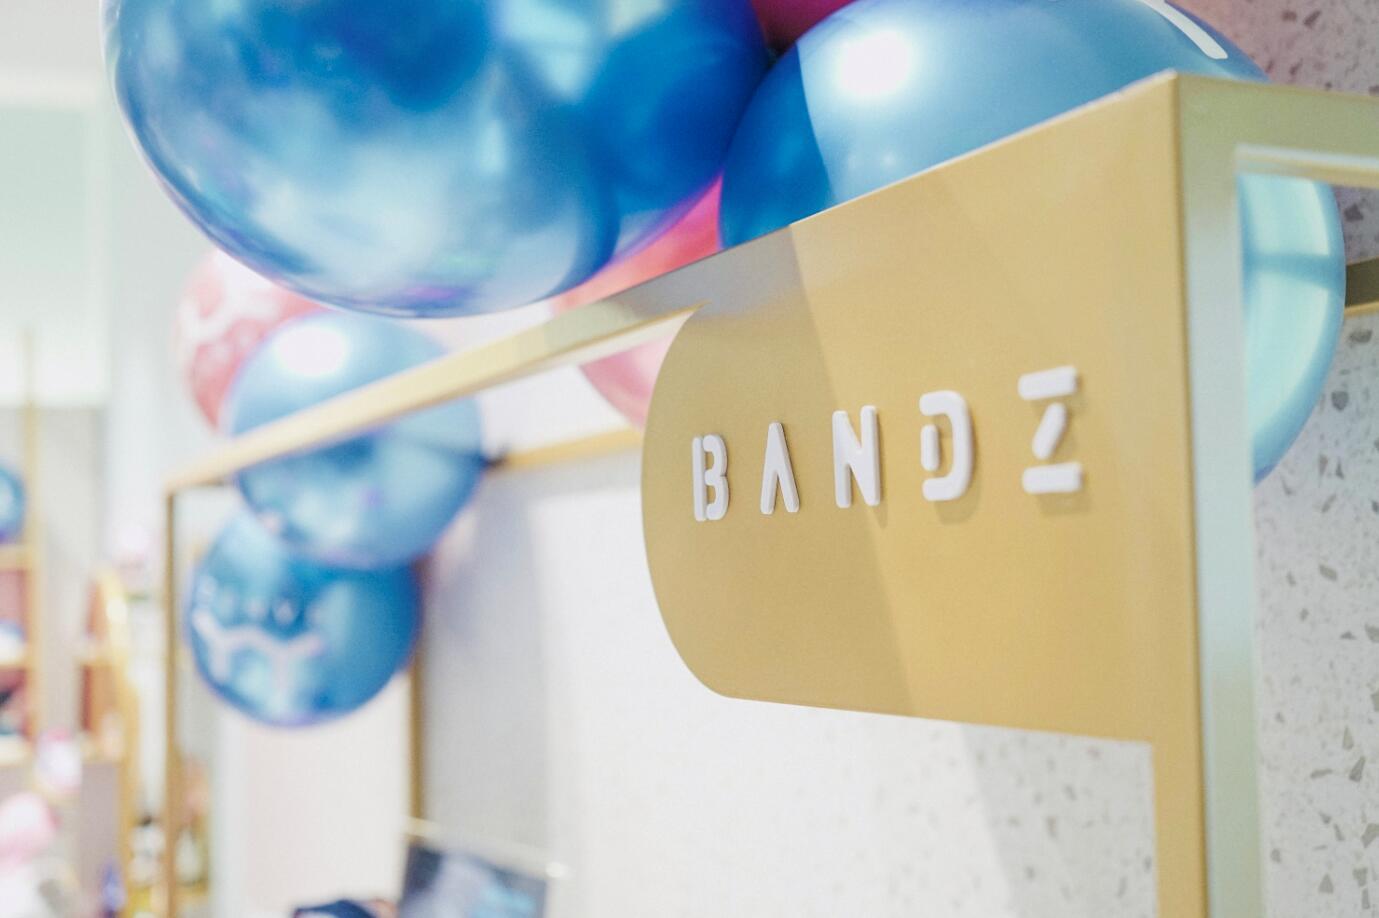 BANDZ班队长奥园广场店正式揭幕,引领校园童鞋新潮流